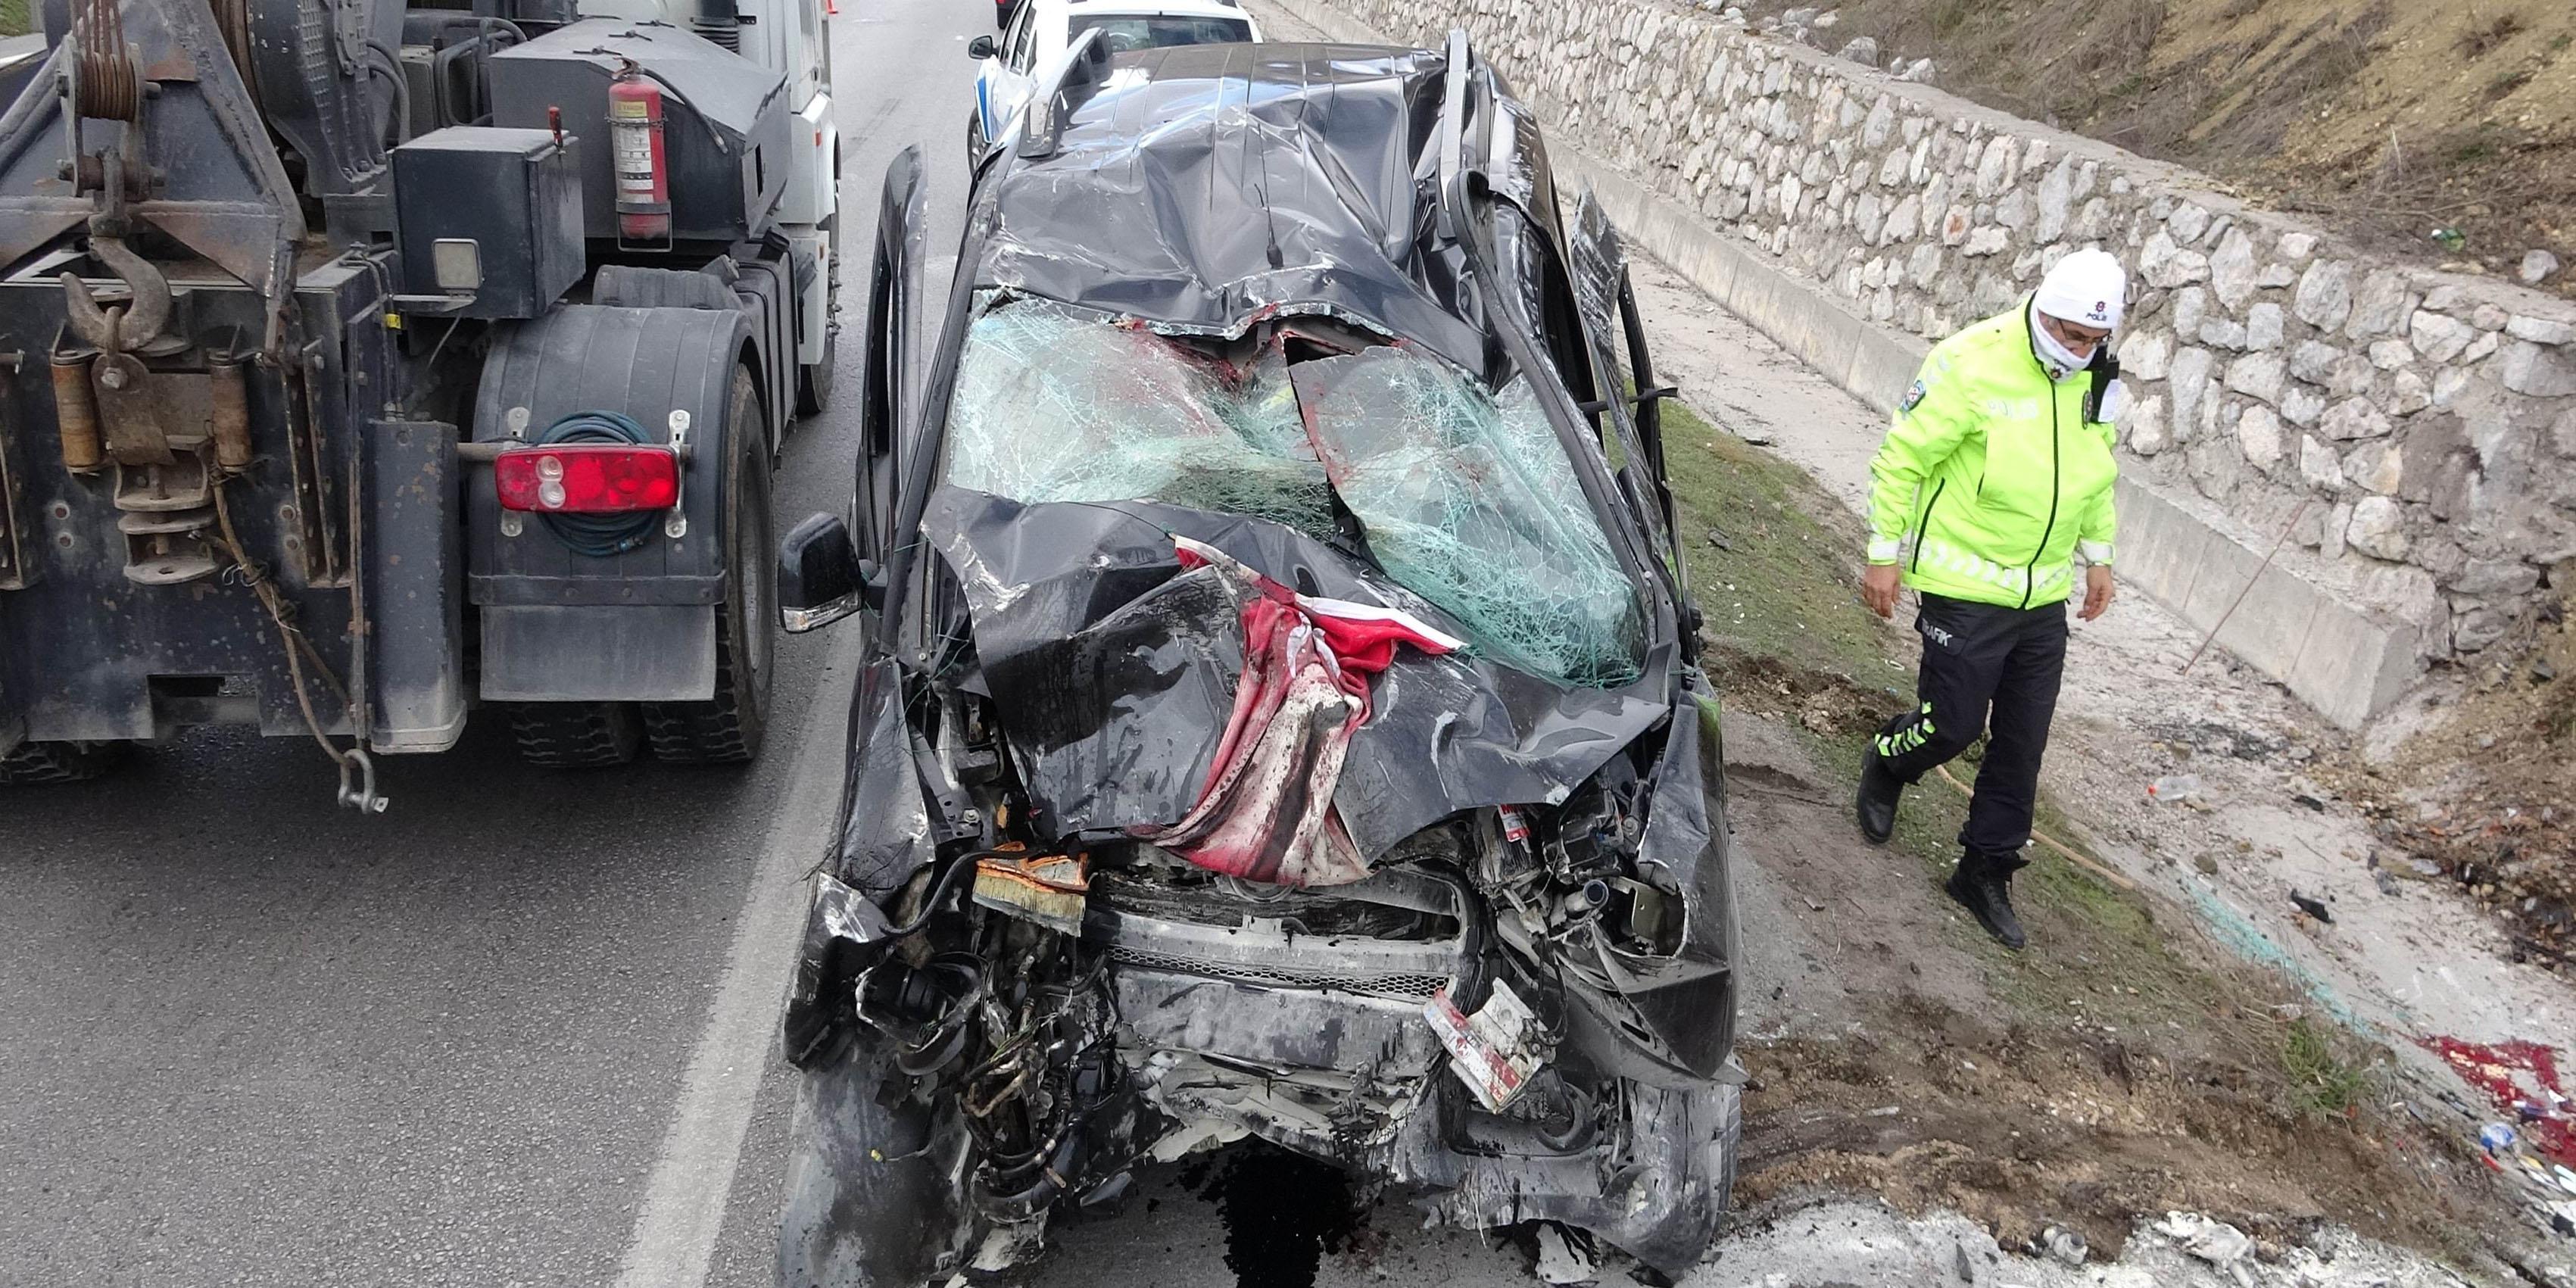 Feci kazada aynı aileden 3 kişi hayatını kaybetti